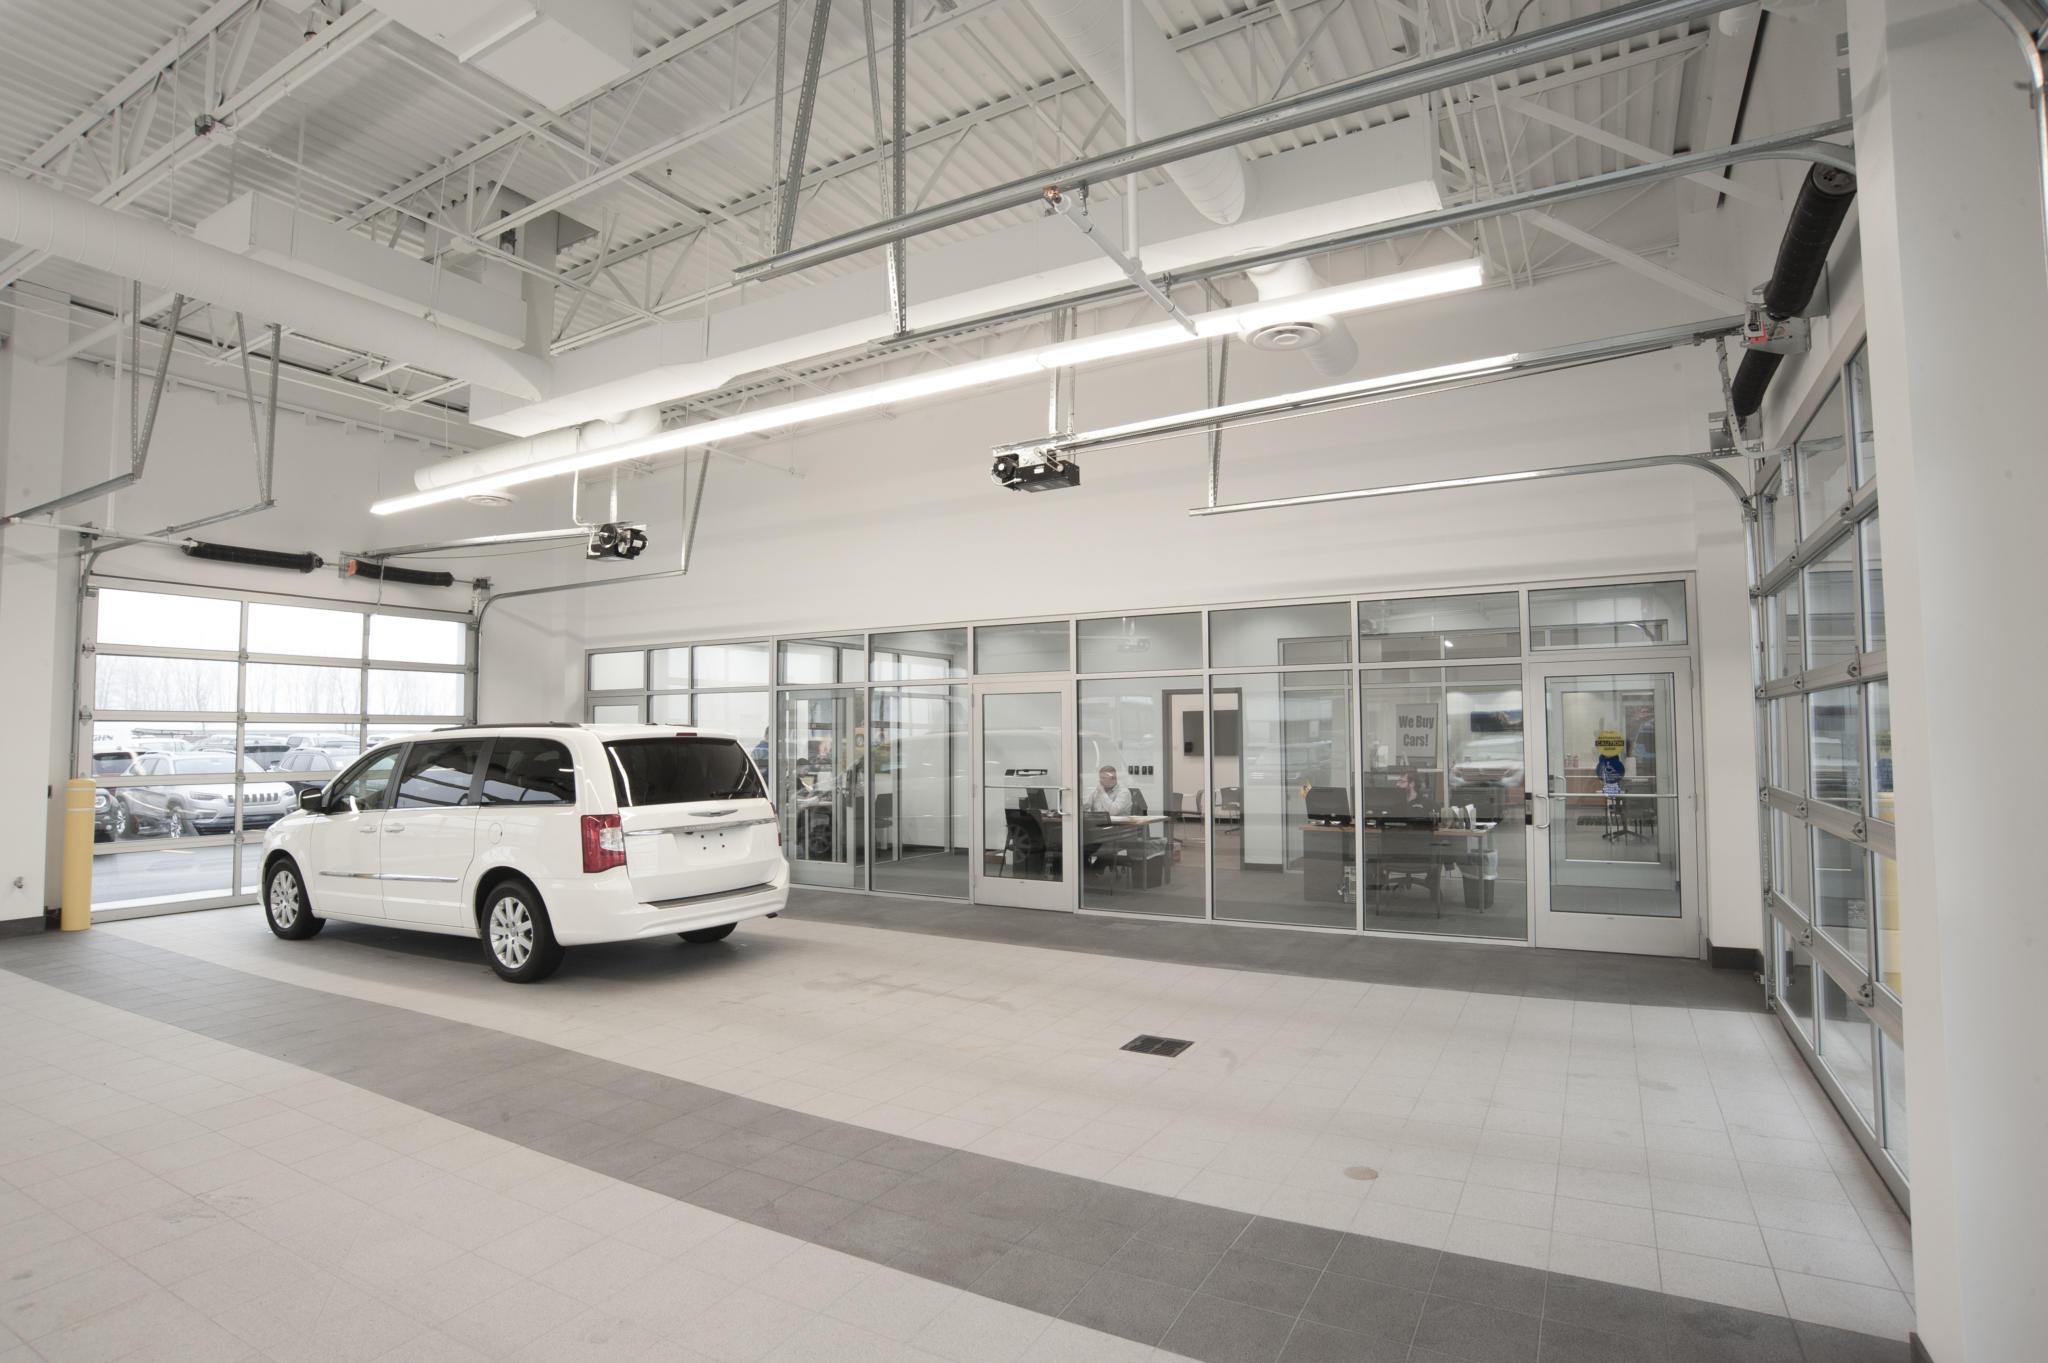 image of vehicle inside service center garage